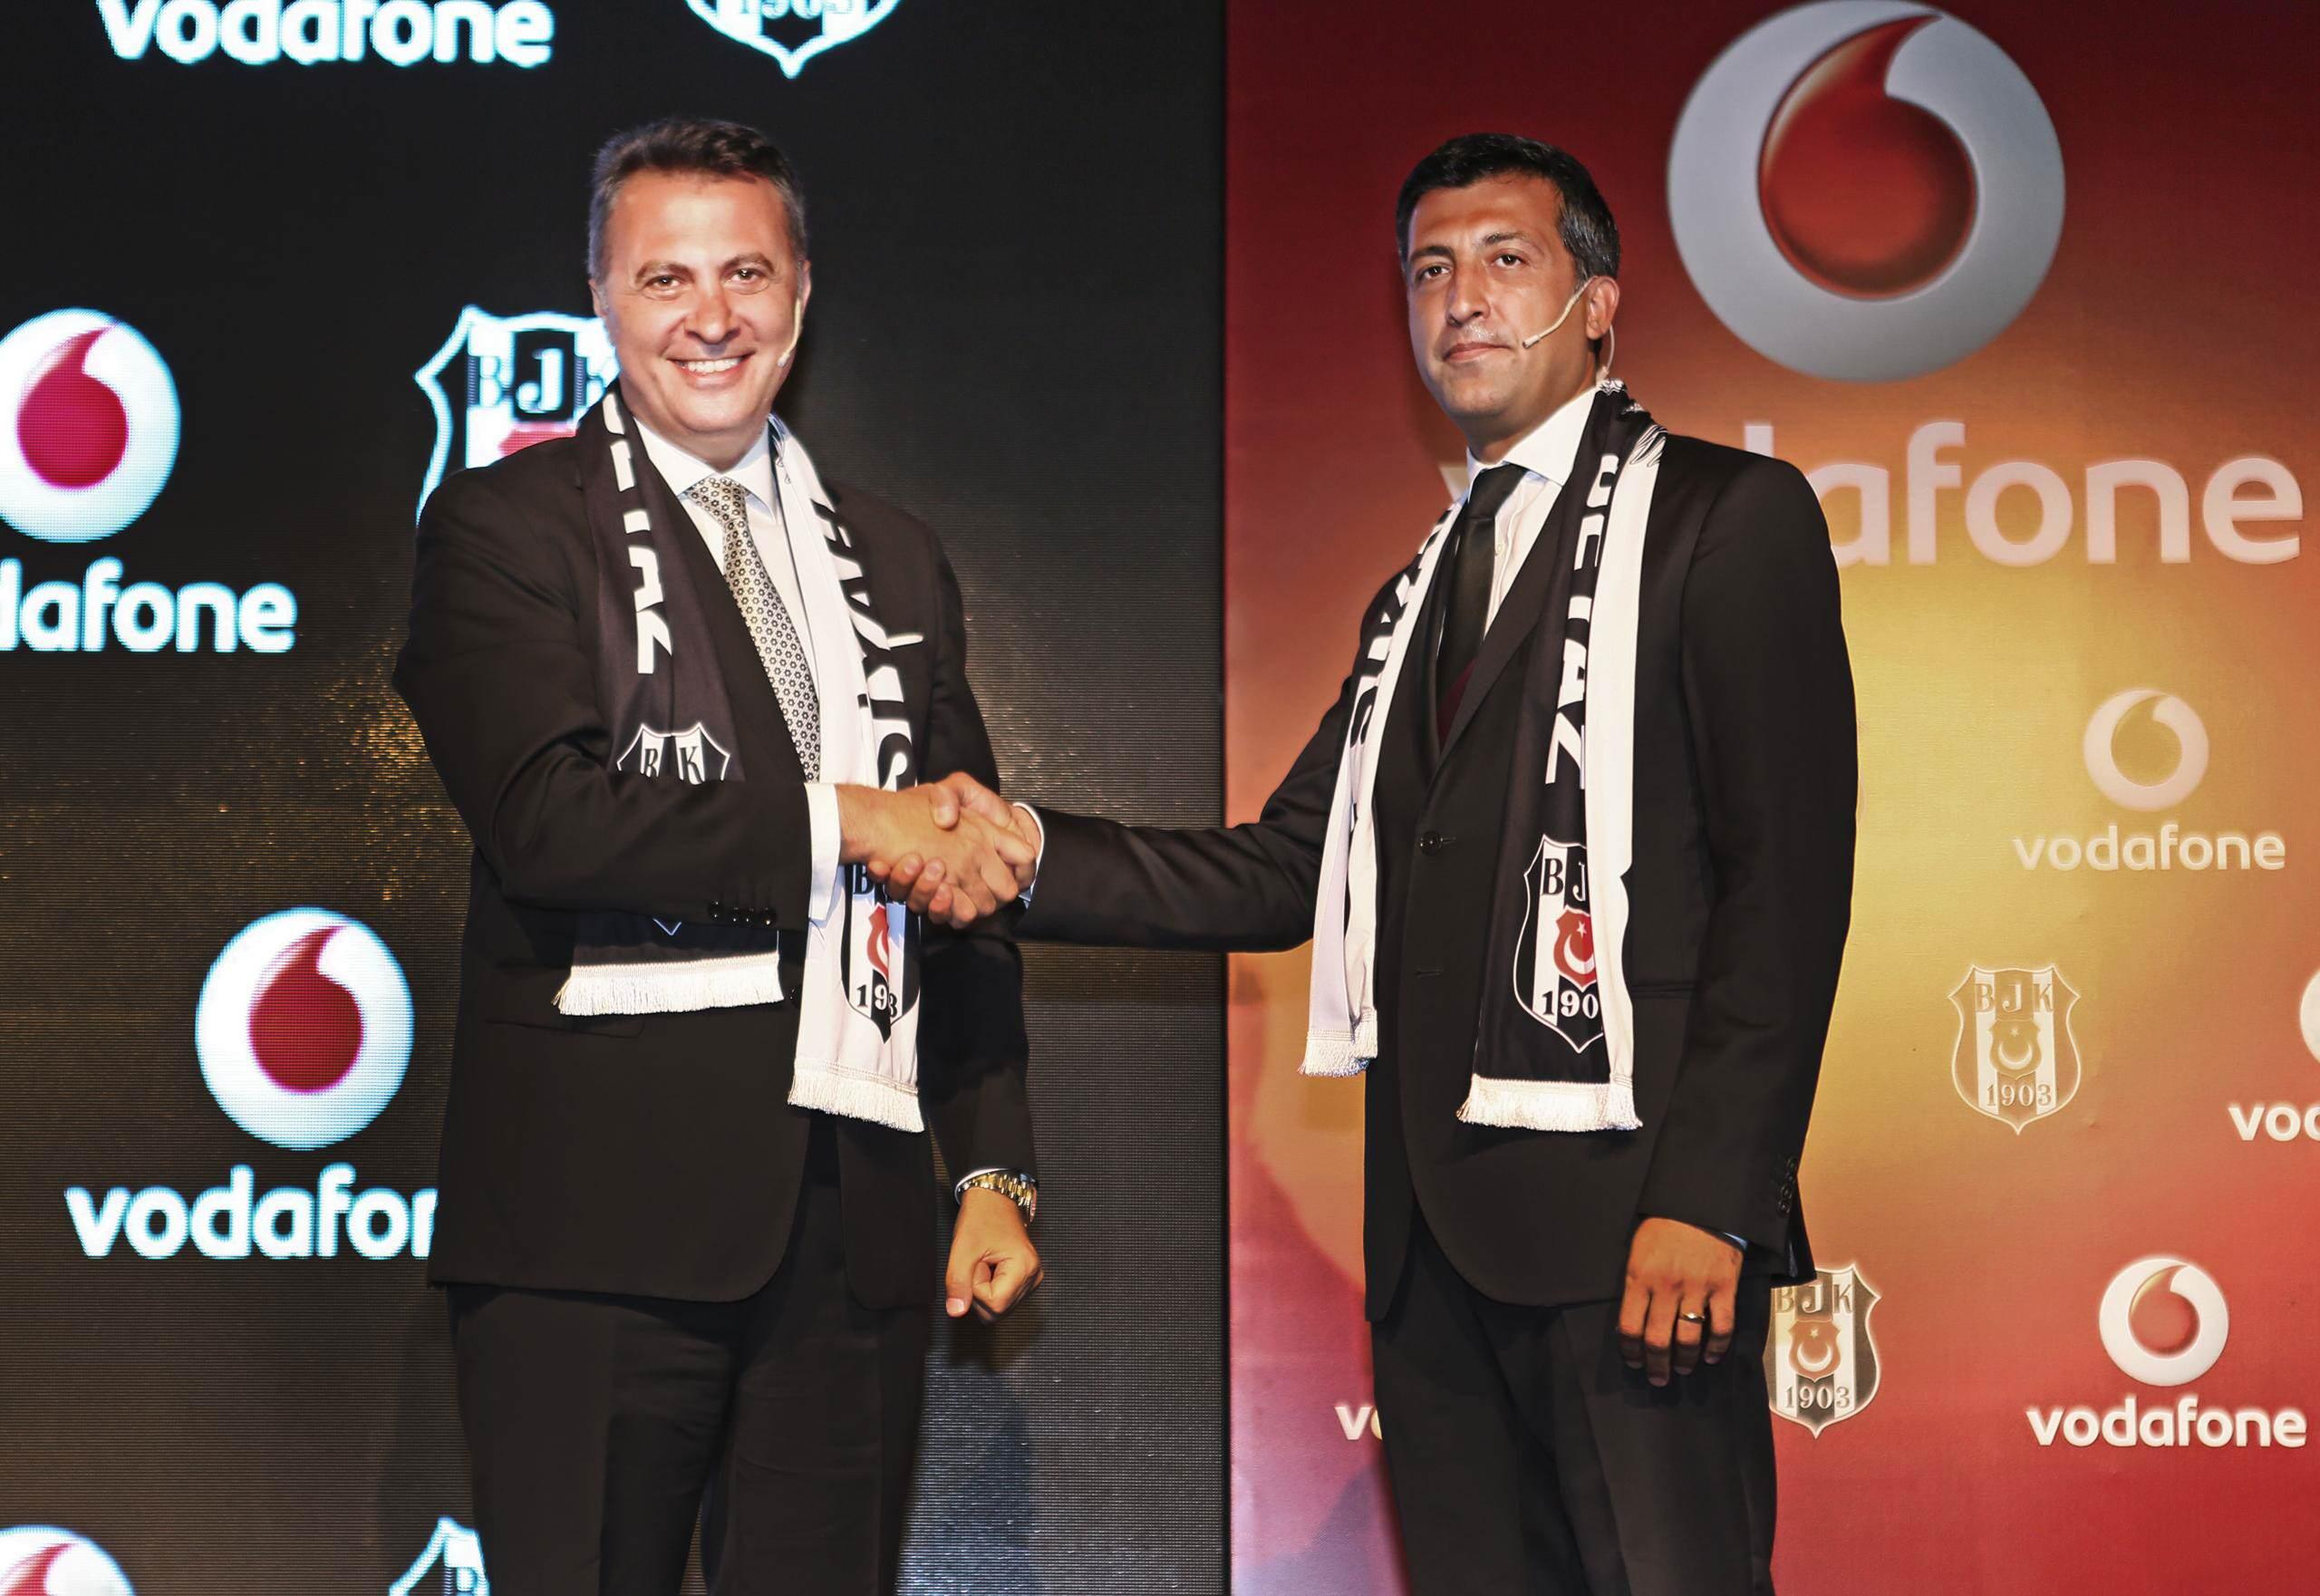 Beşiktaş ile Vodafone Türkiye Arasında Dev Anlaşma